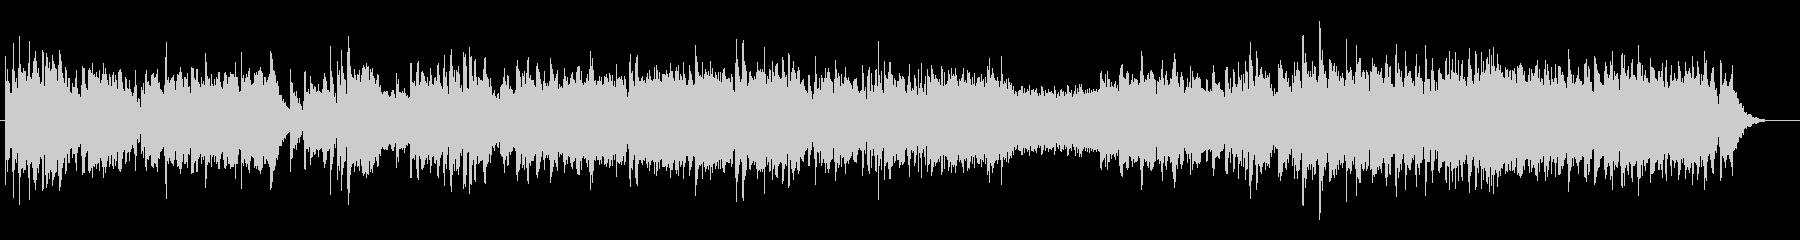 吹奏楽のためのオープニング音楽の未再生の波形